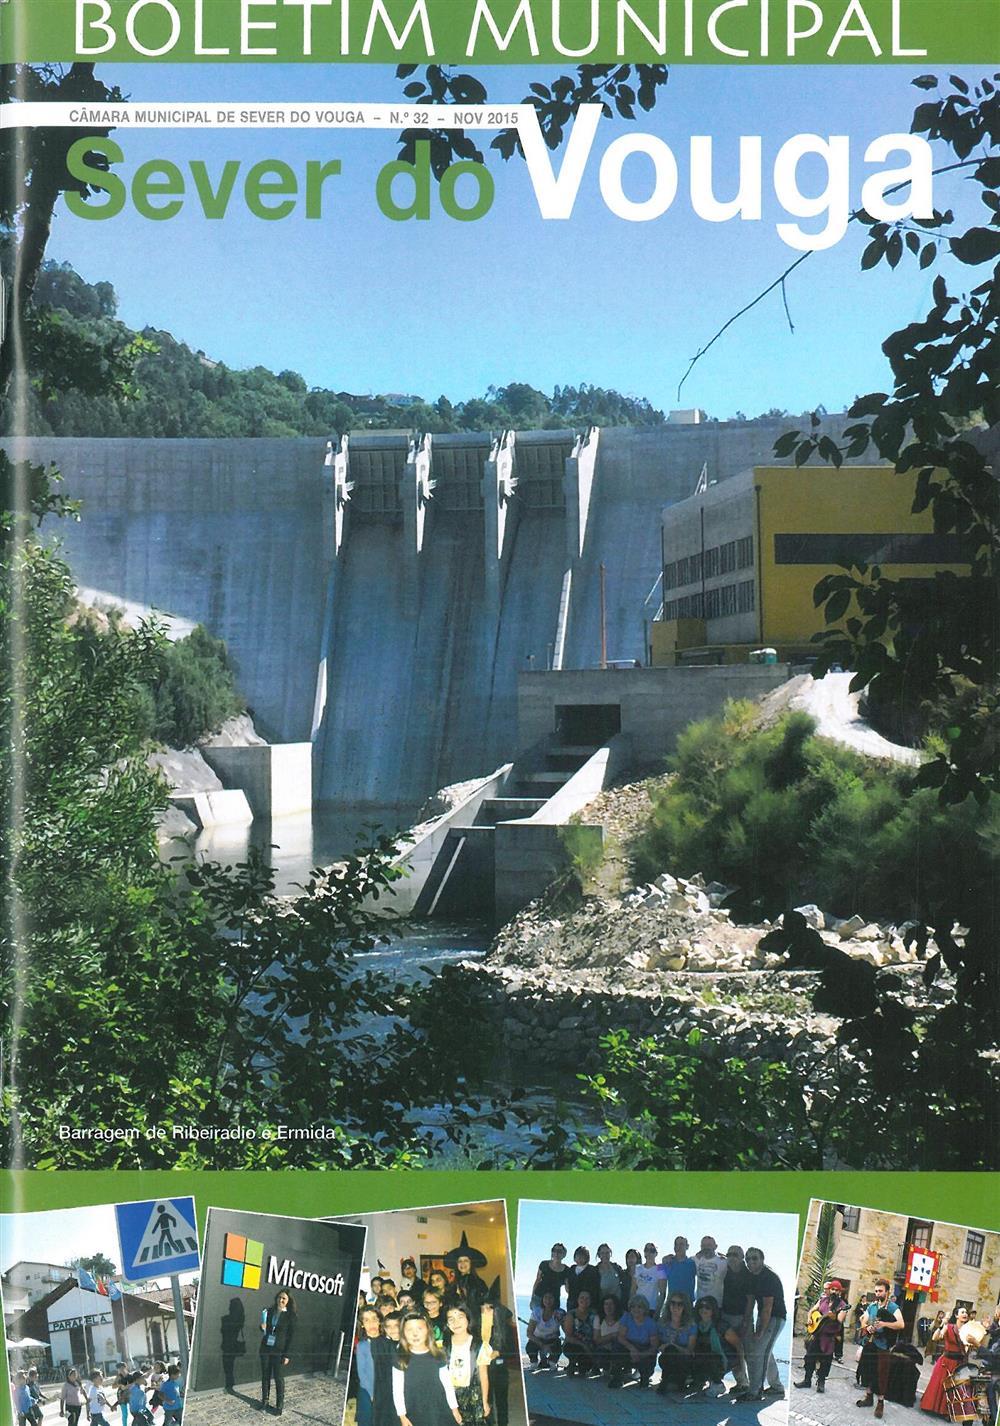 BoletimMunicipal-nº 32-nov'15-capa - Boletim Municipal : Barragem de Ribeiradio e Ermida.jpg